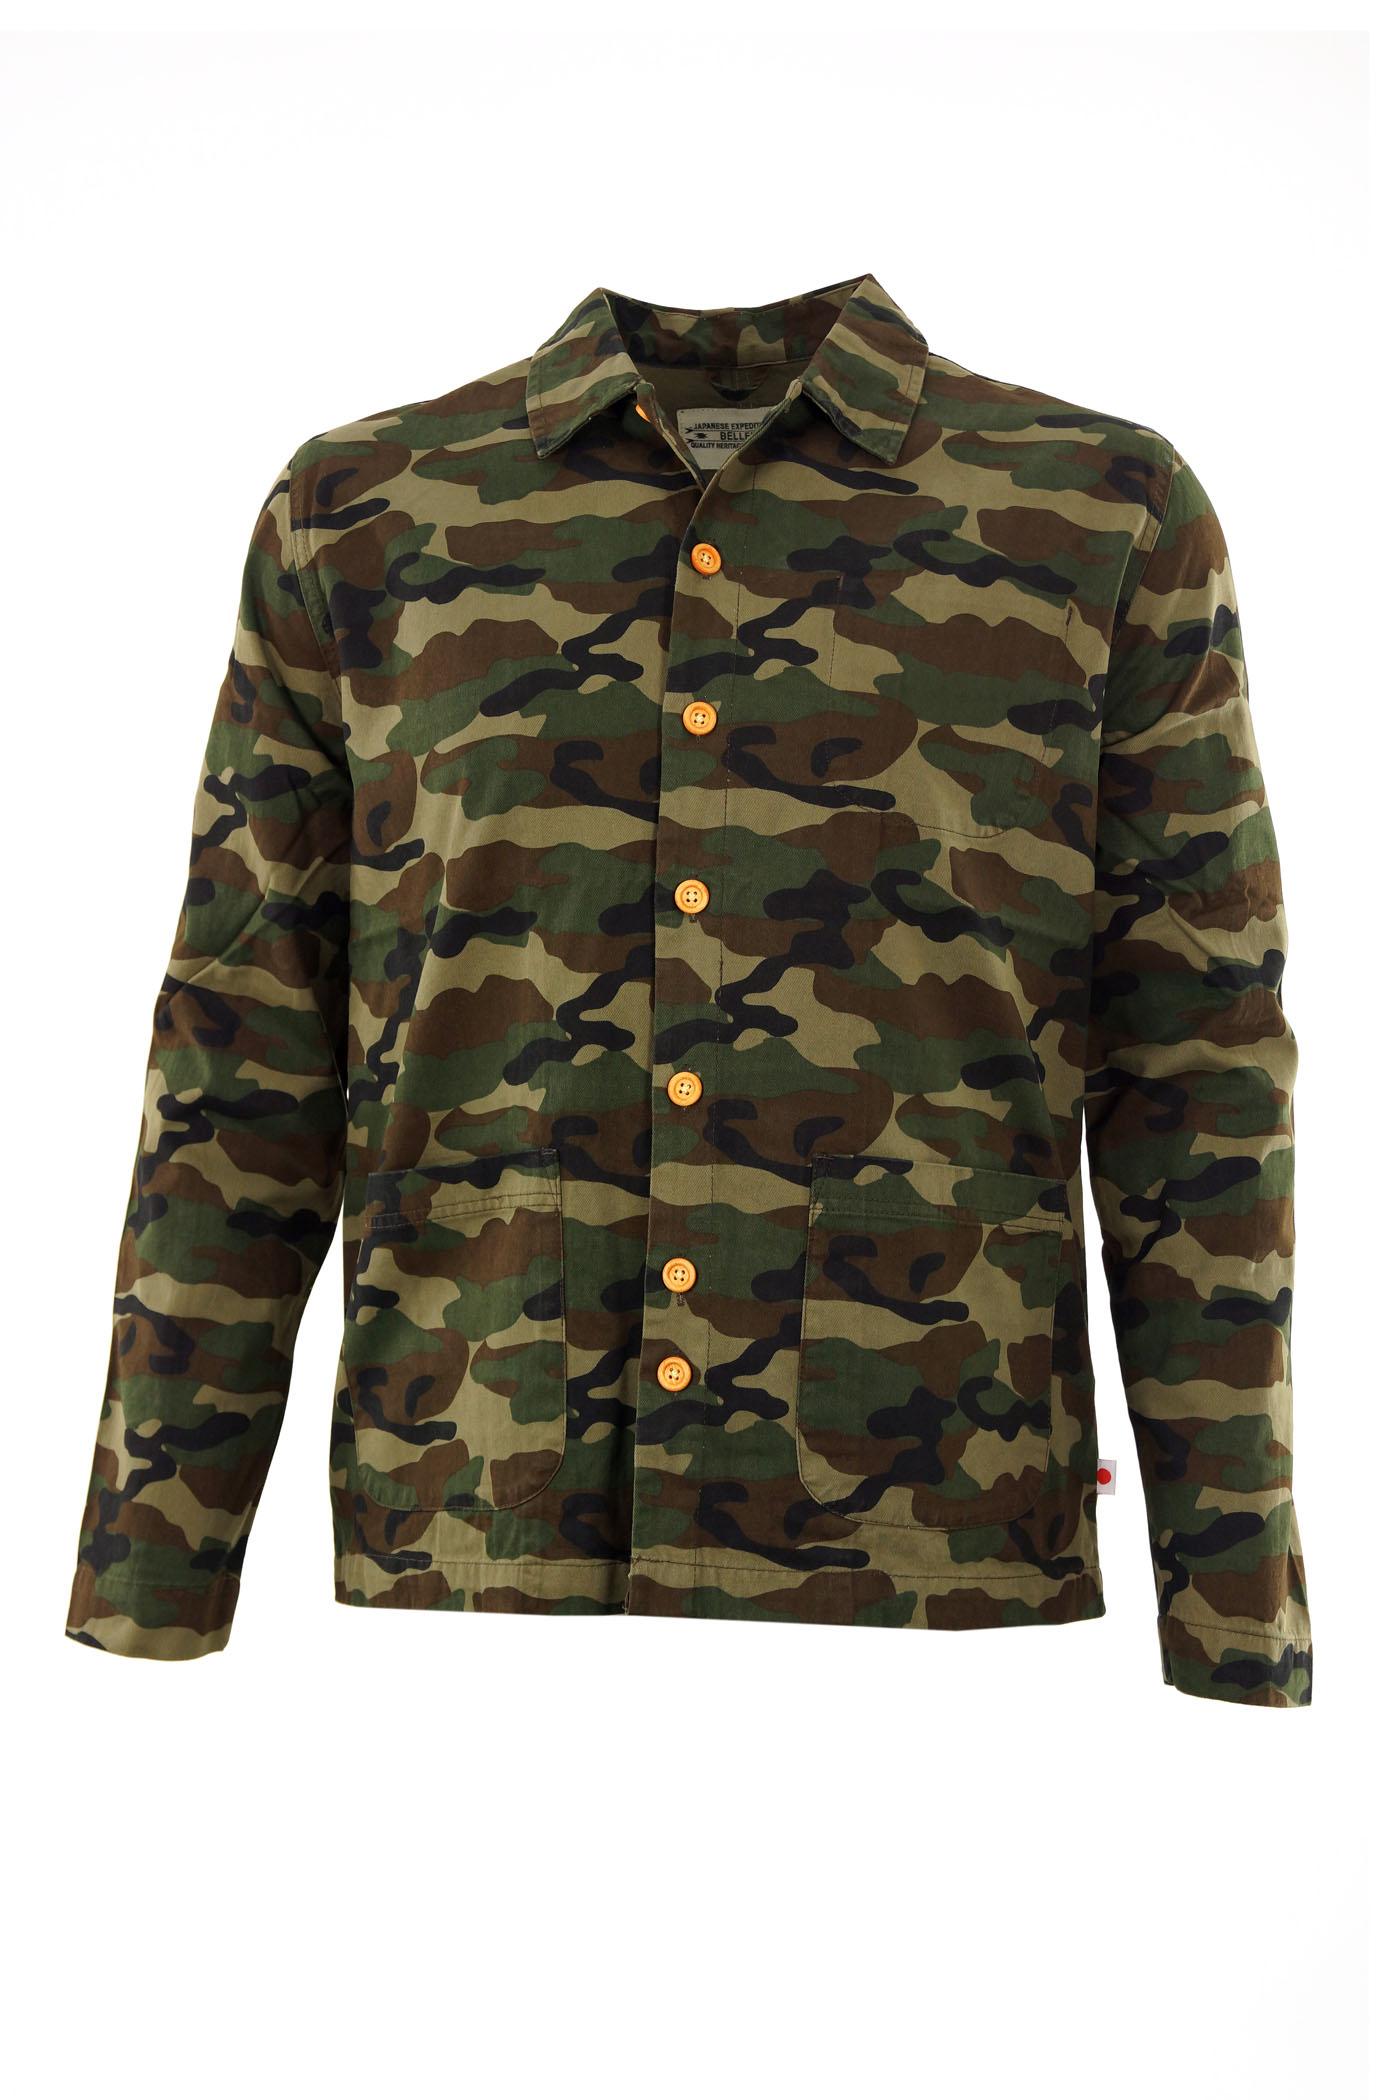 bellfield herren jacke camouflage gr n braun gr l ebay. Black Bedroom Furniture Sets. Home Design Ideas